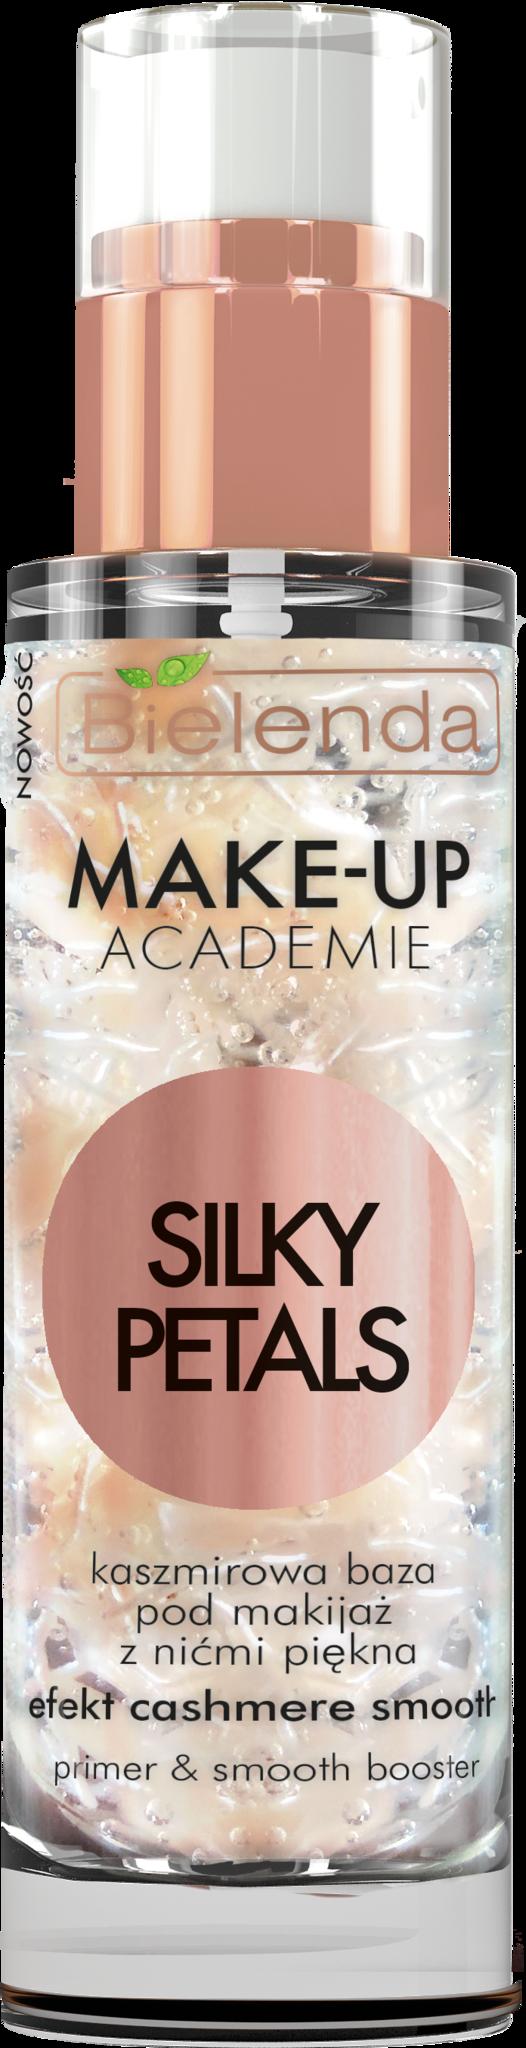 MAKE-UP ACADEMIE SILKY PETALS кашемировая база под макияж с косметическими нитями, 30 г